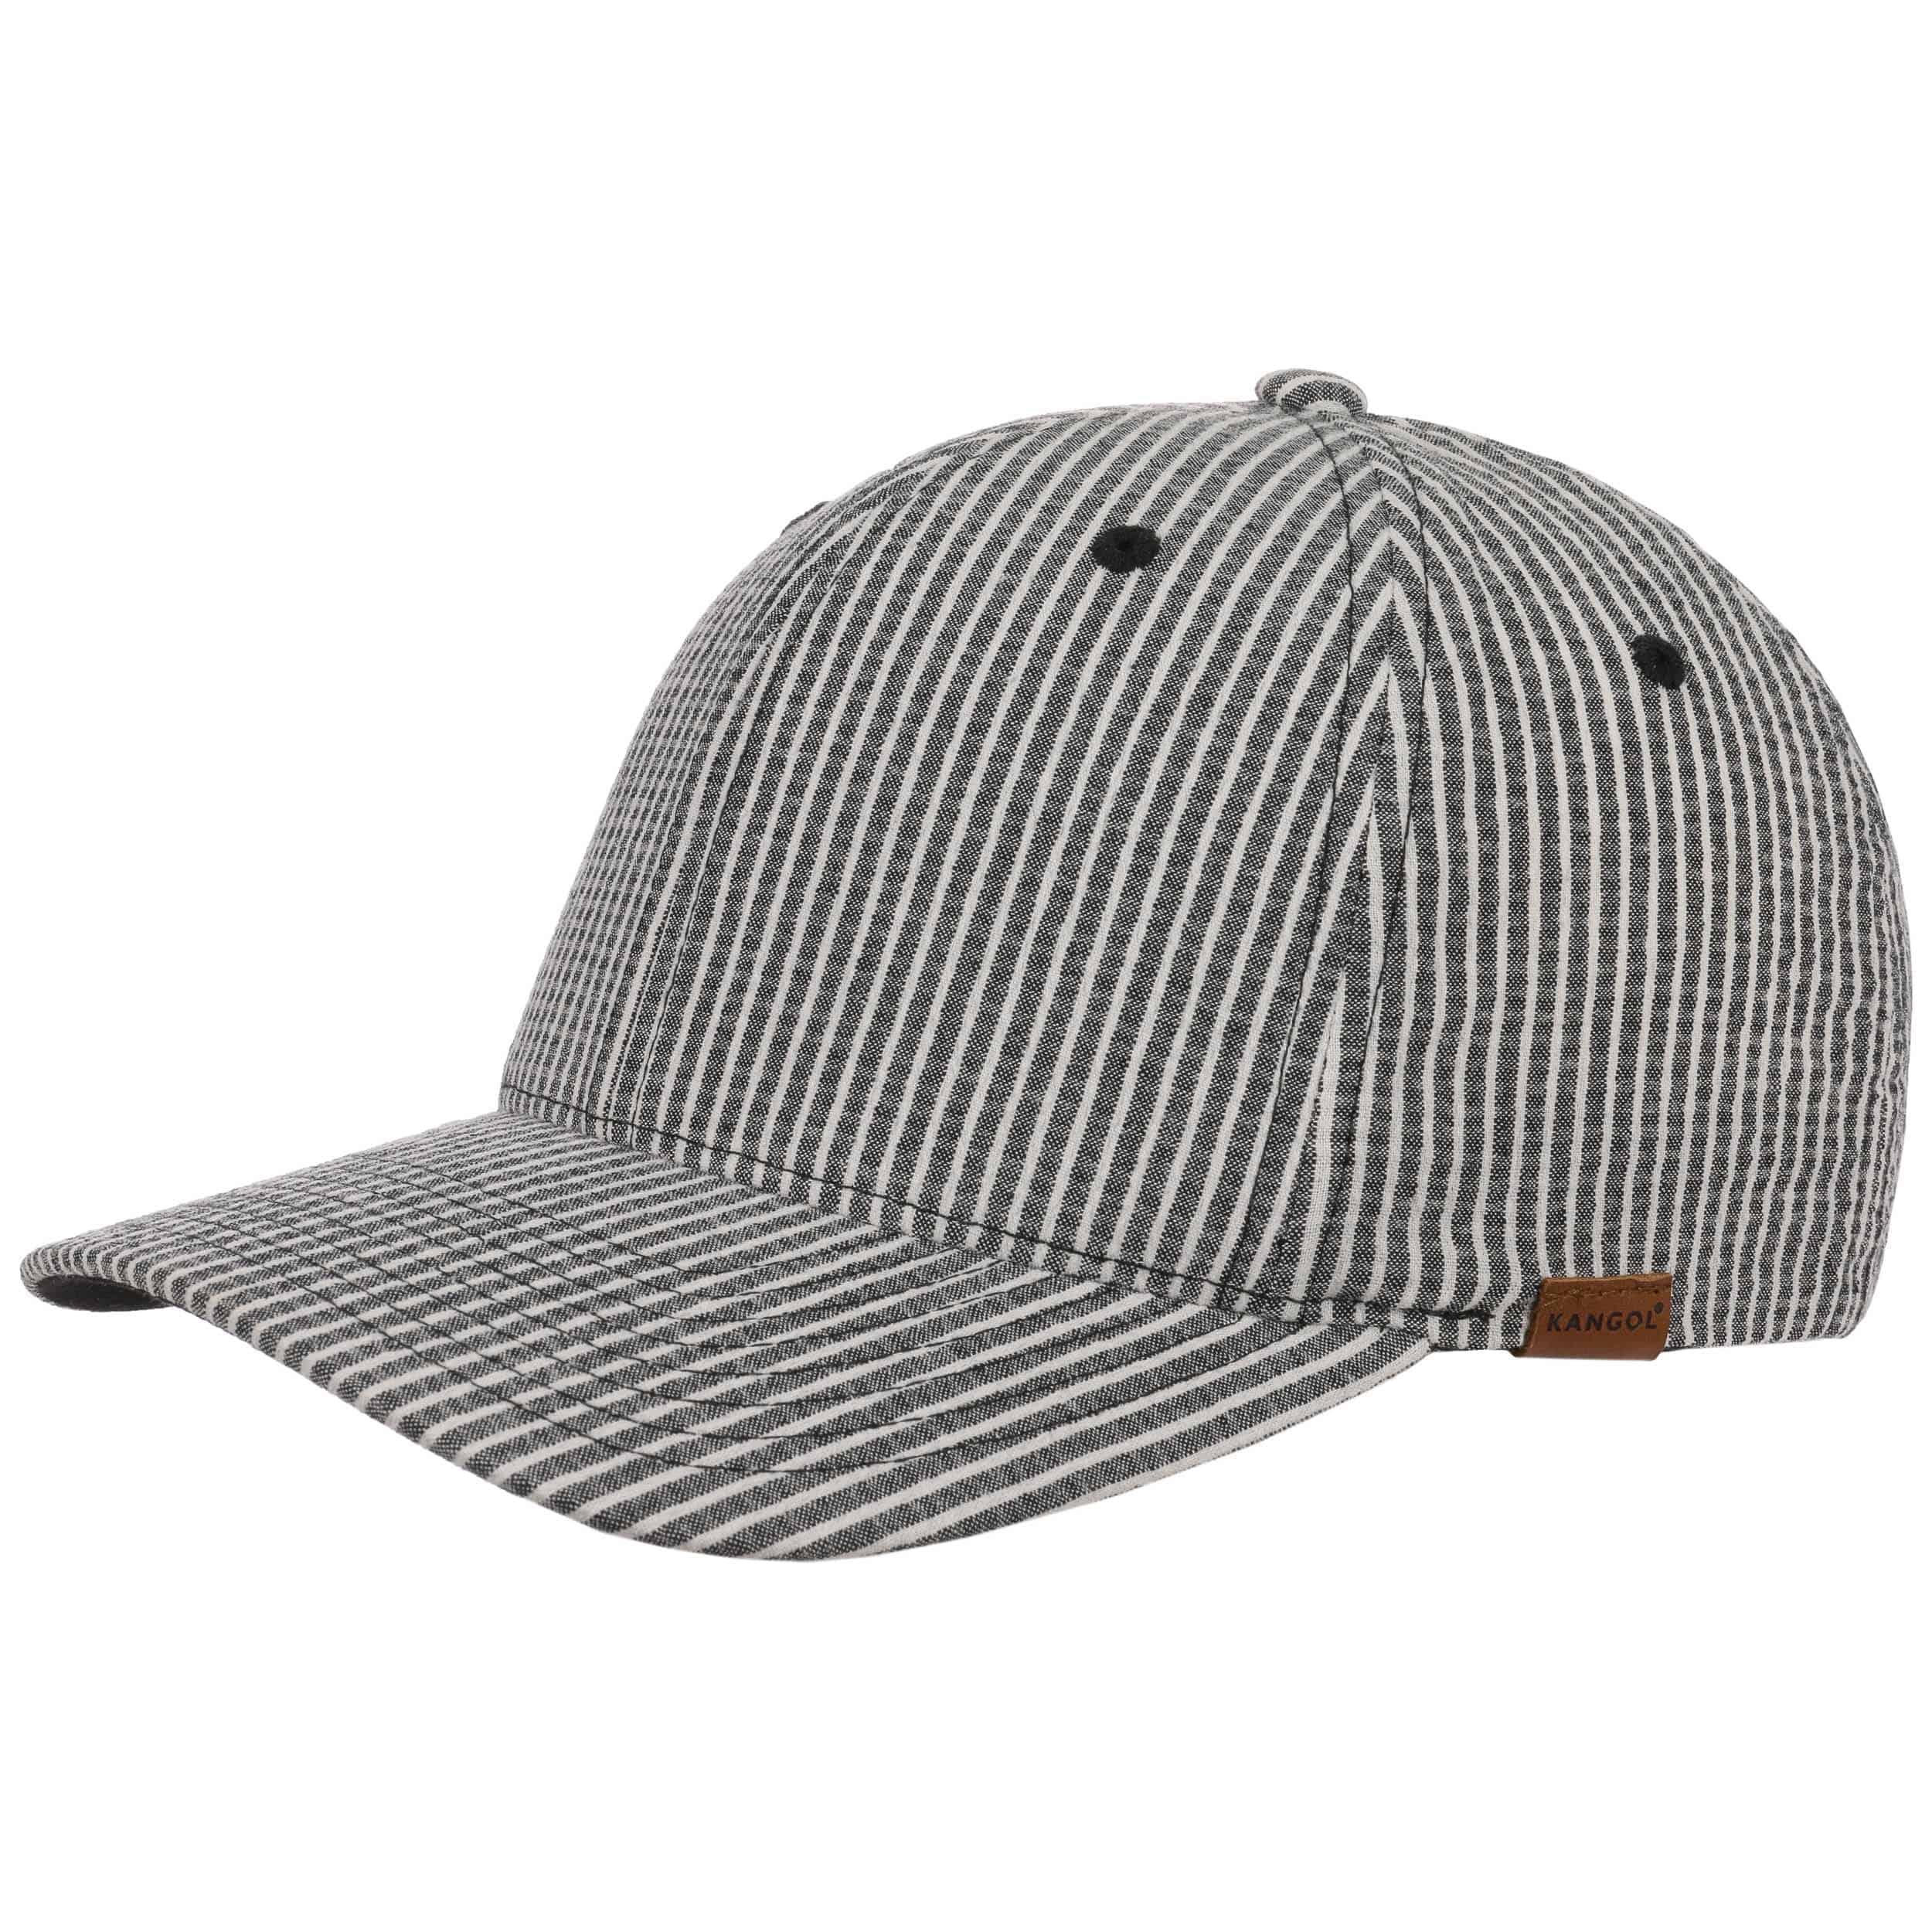 ... Gorra Pattern Flexfit Stripes by Kangol - azul-blanco 5 fd90f54b74e